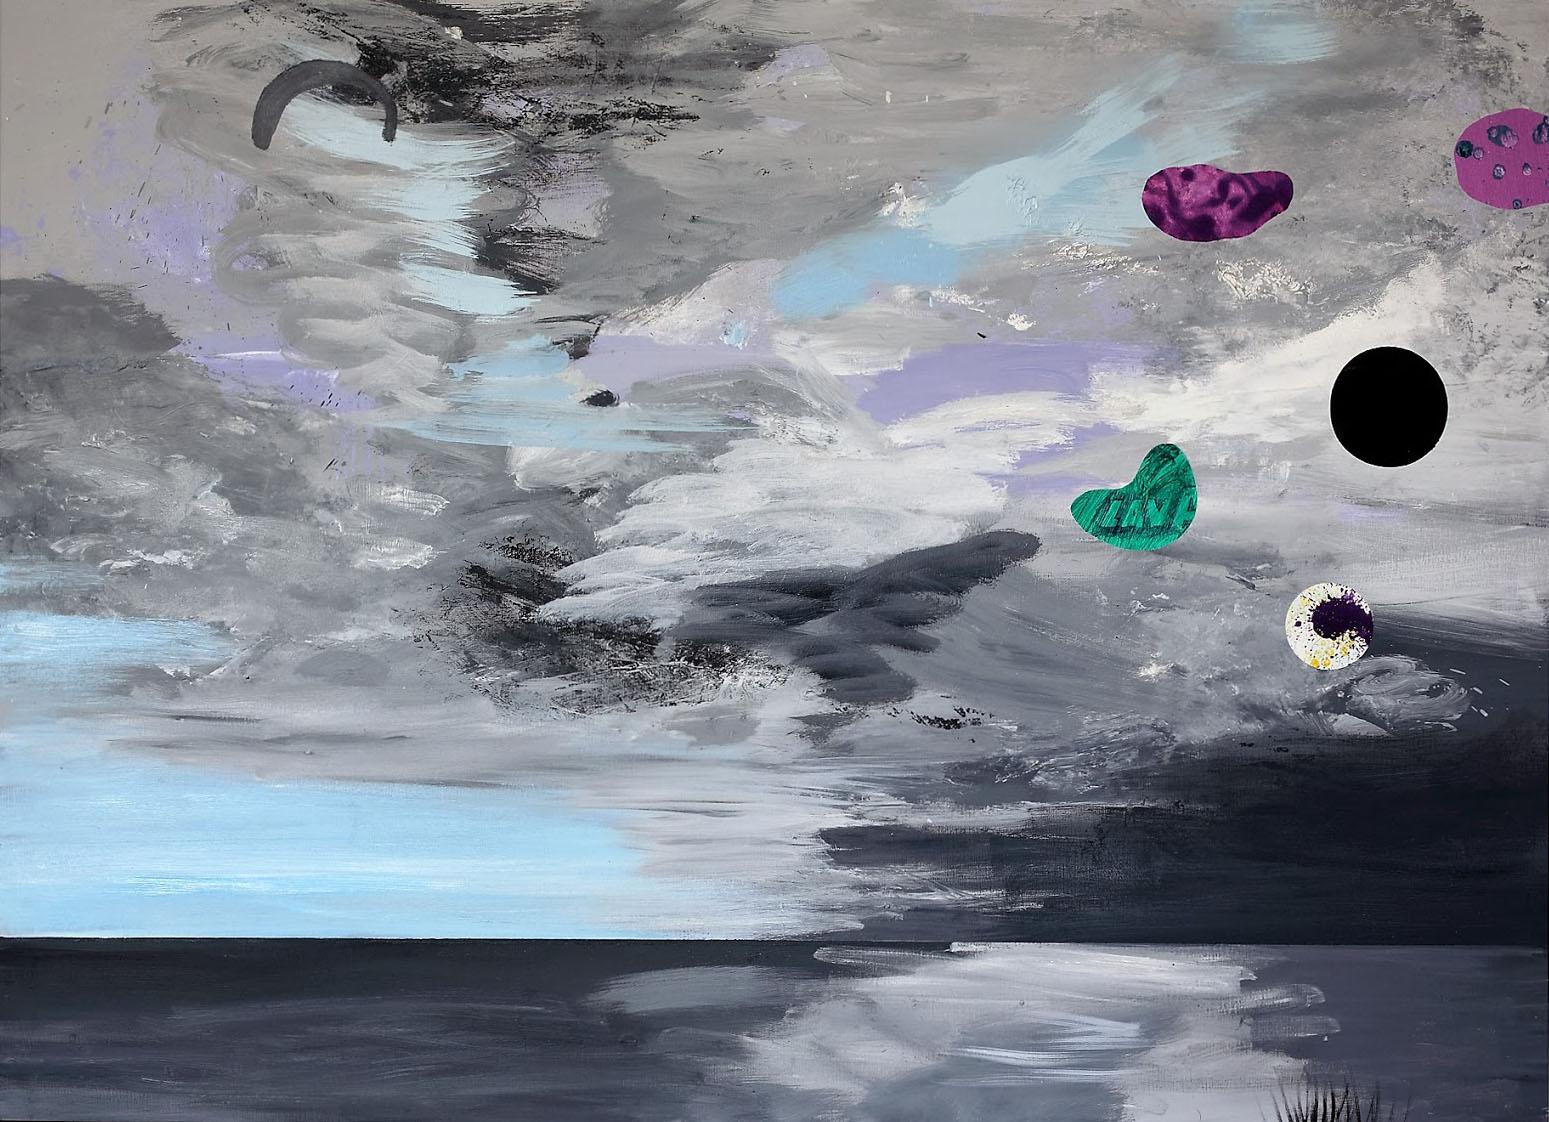 malerier, abstrakte, farverige, landskab, botanik, natur, mønstre, himmel, sorte, blå, grå,  bomuldslærred, olie, atmosfære, sceneri, levende, vand, Køb original kunst af den højeste kvalitet. Malerier, tegninger, limited edition kunsttryk & plakater af dygtige kunstnere.